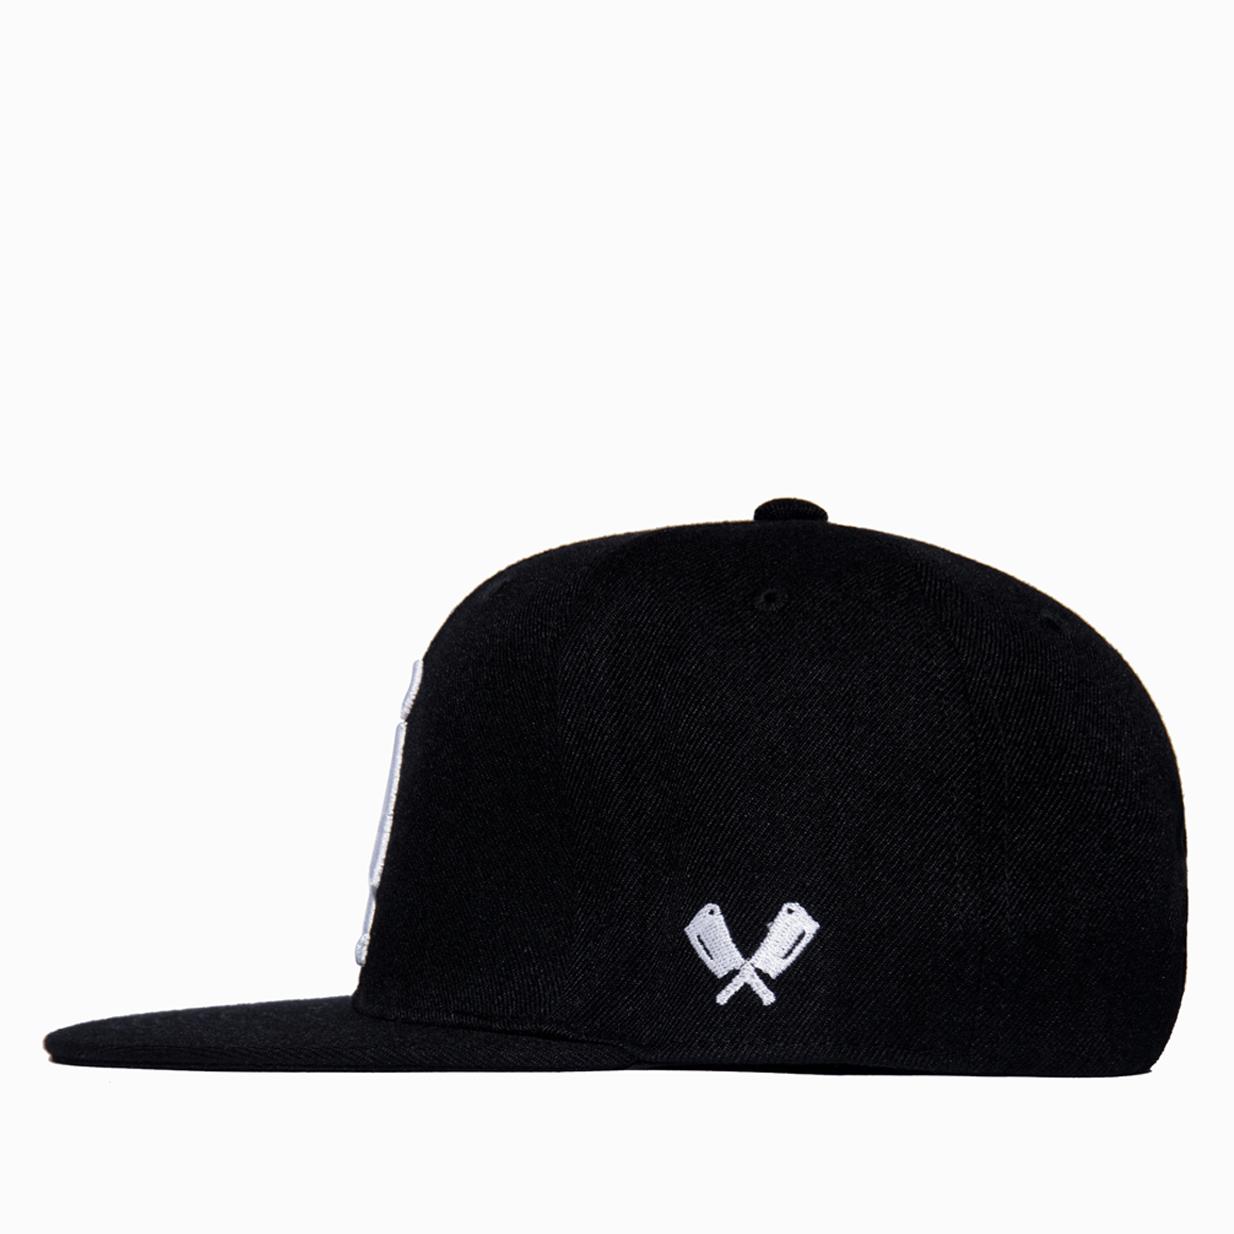 Black LÅ Cap side